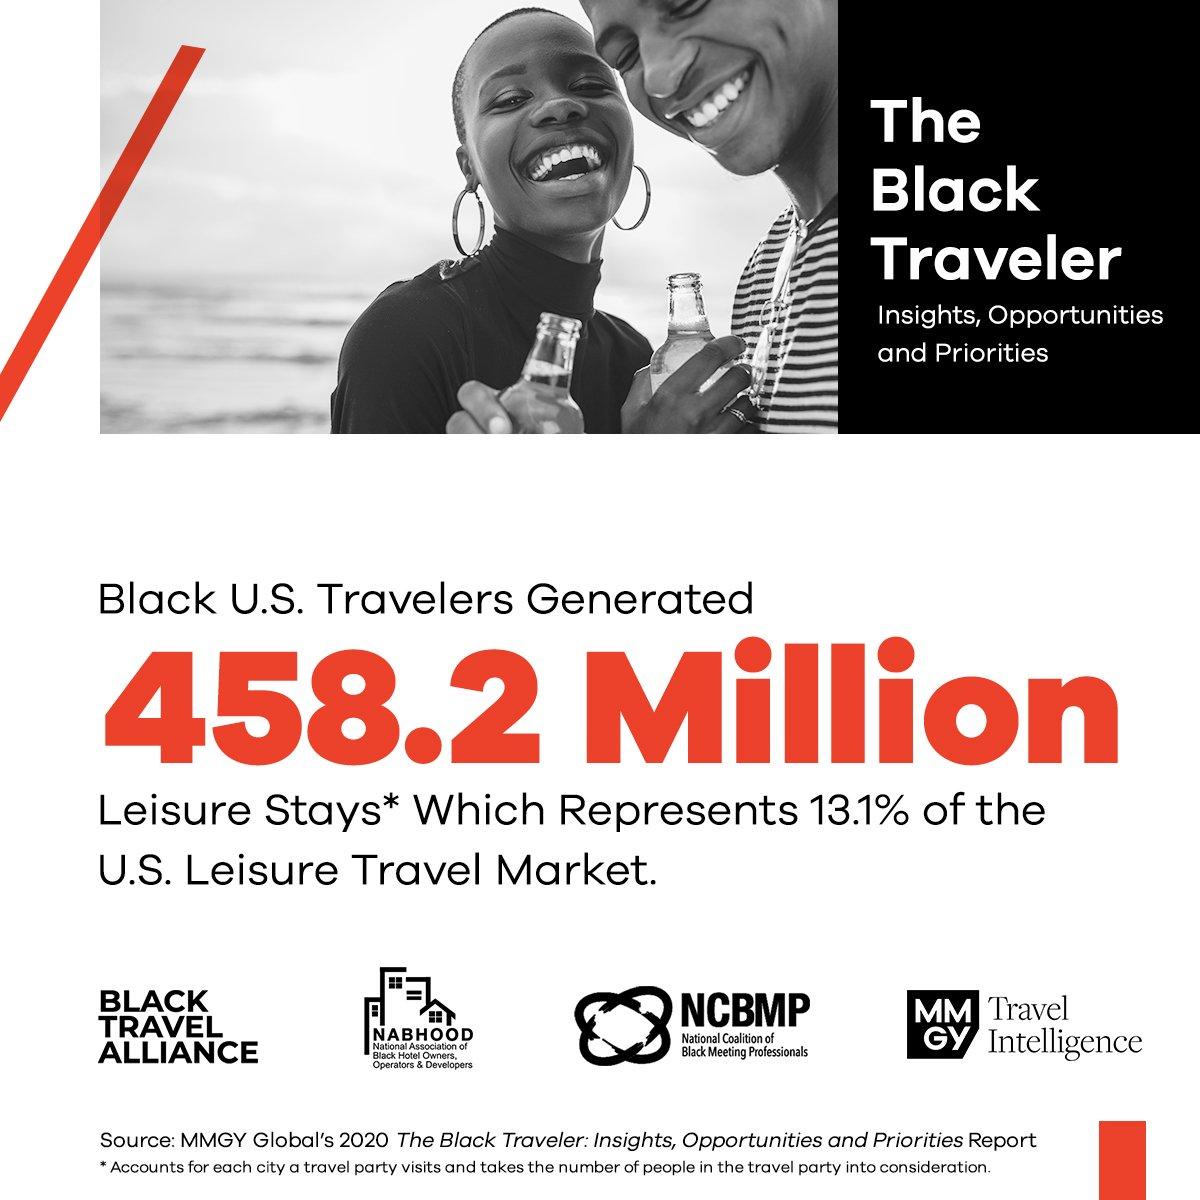 The Black Traveler - $458.2M